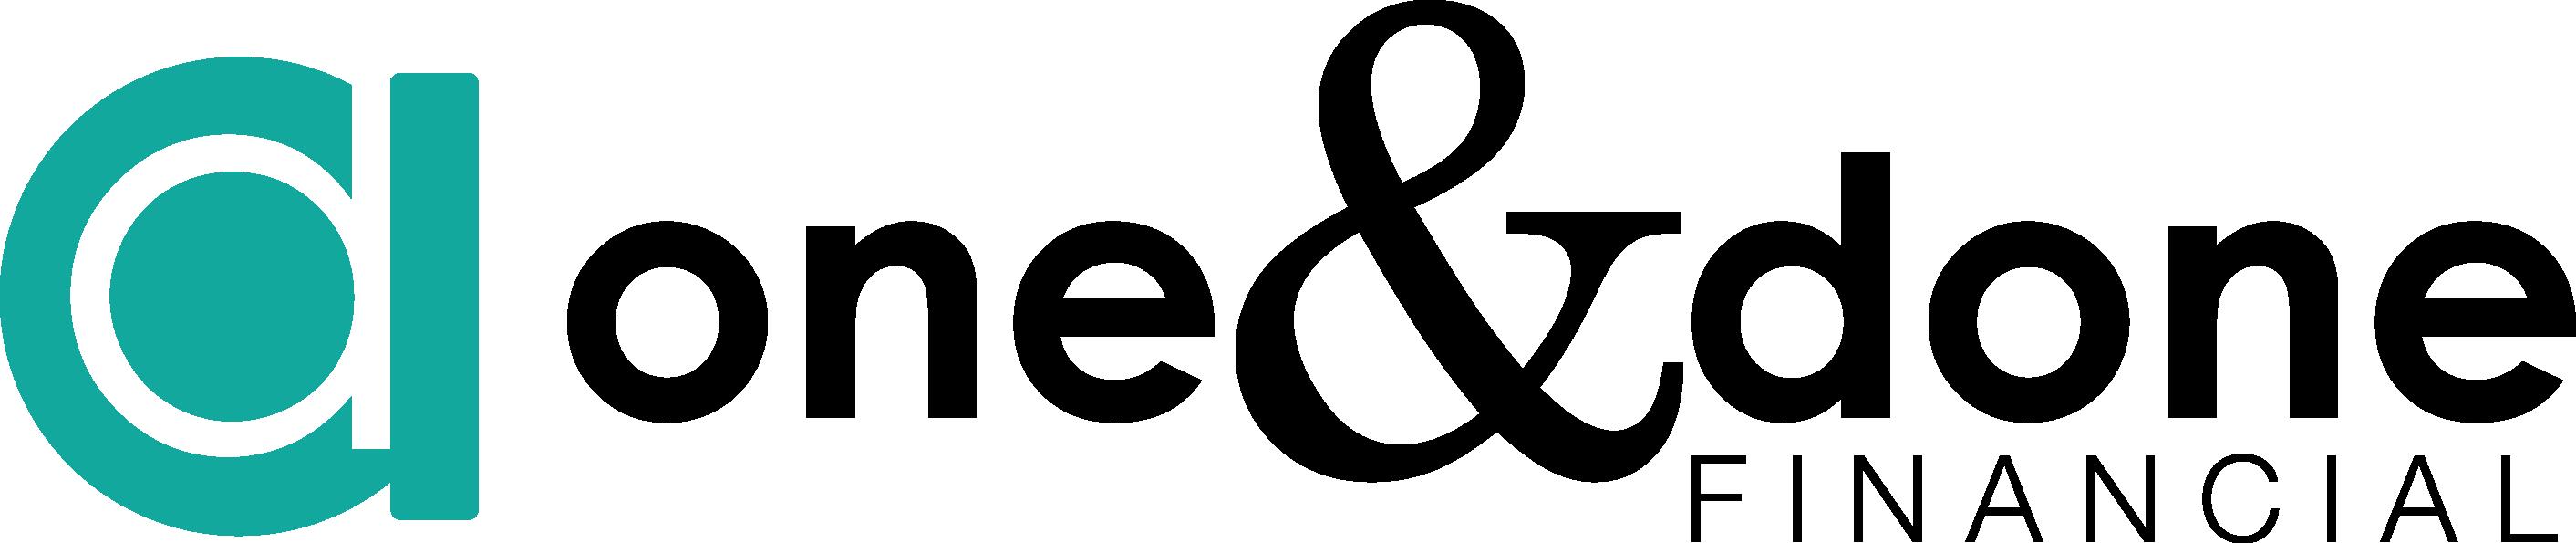 Original one and done logo horizontal color